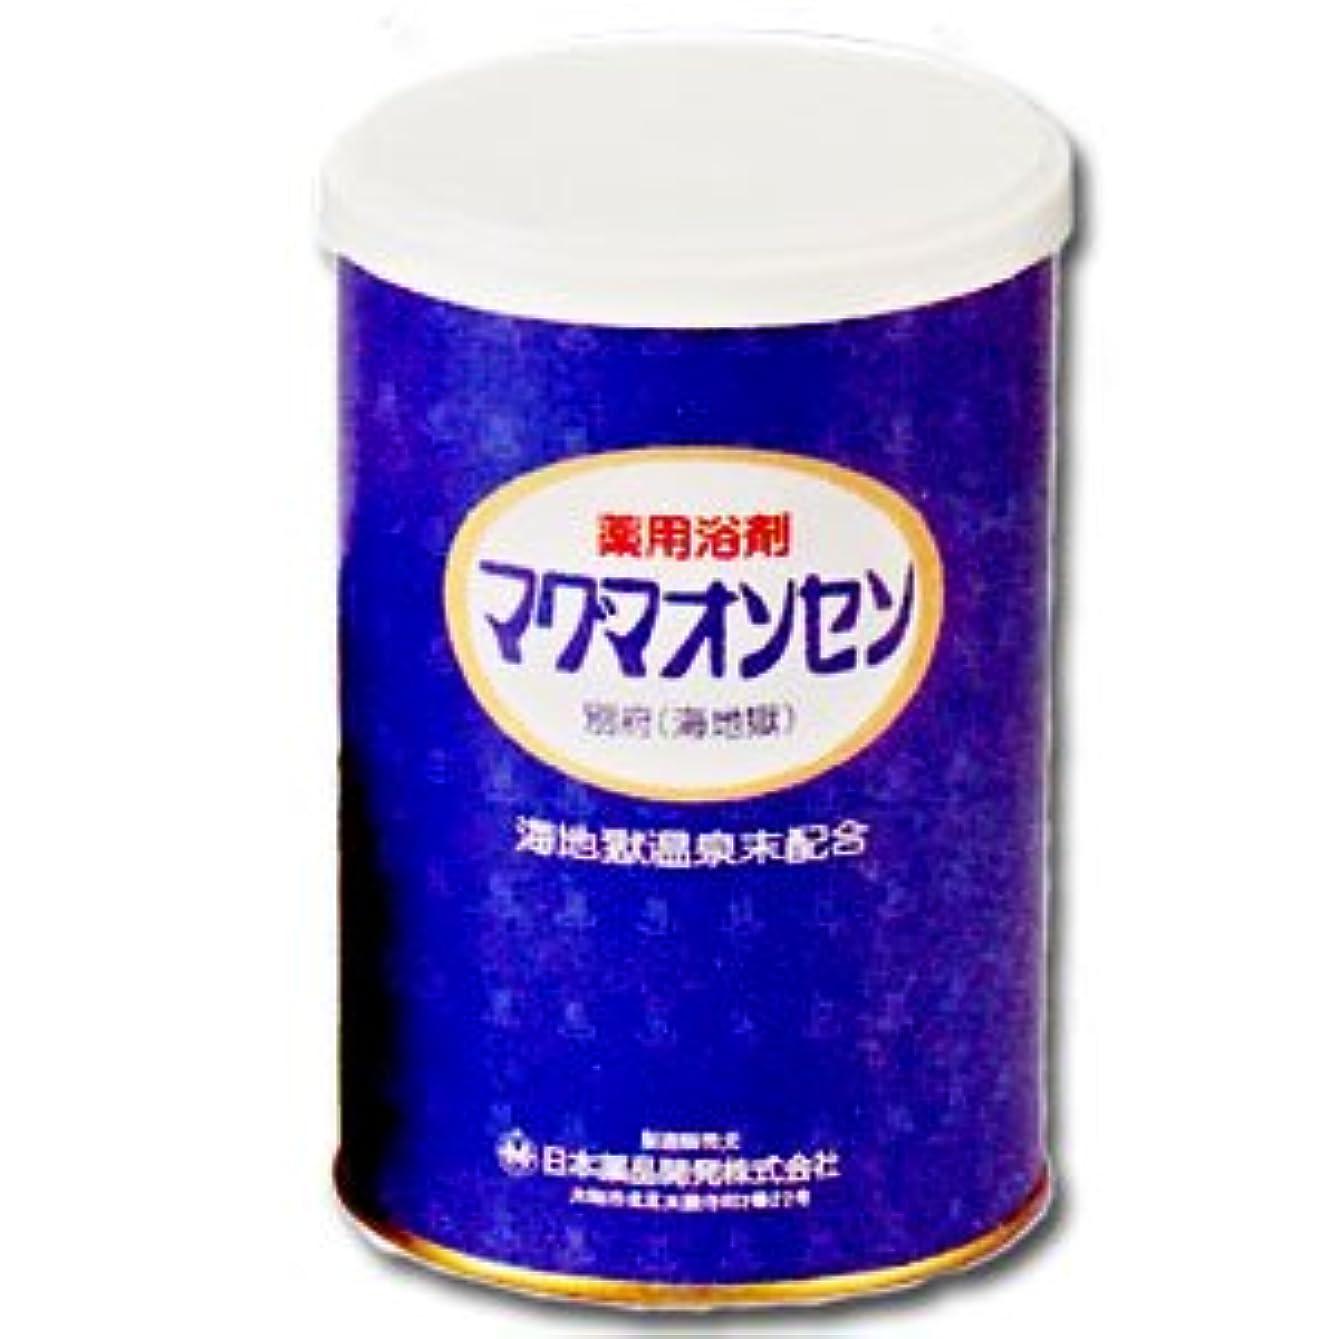 許す超えてはしご薬用入浴剤 マグマオンセン(医薬部外品)500g